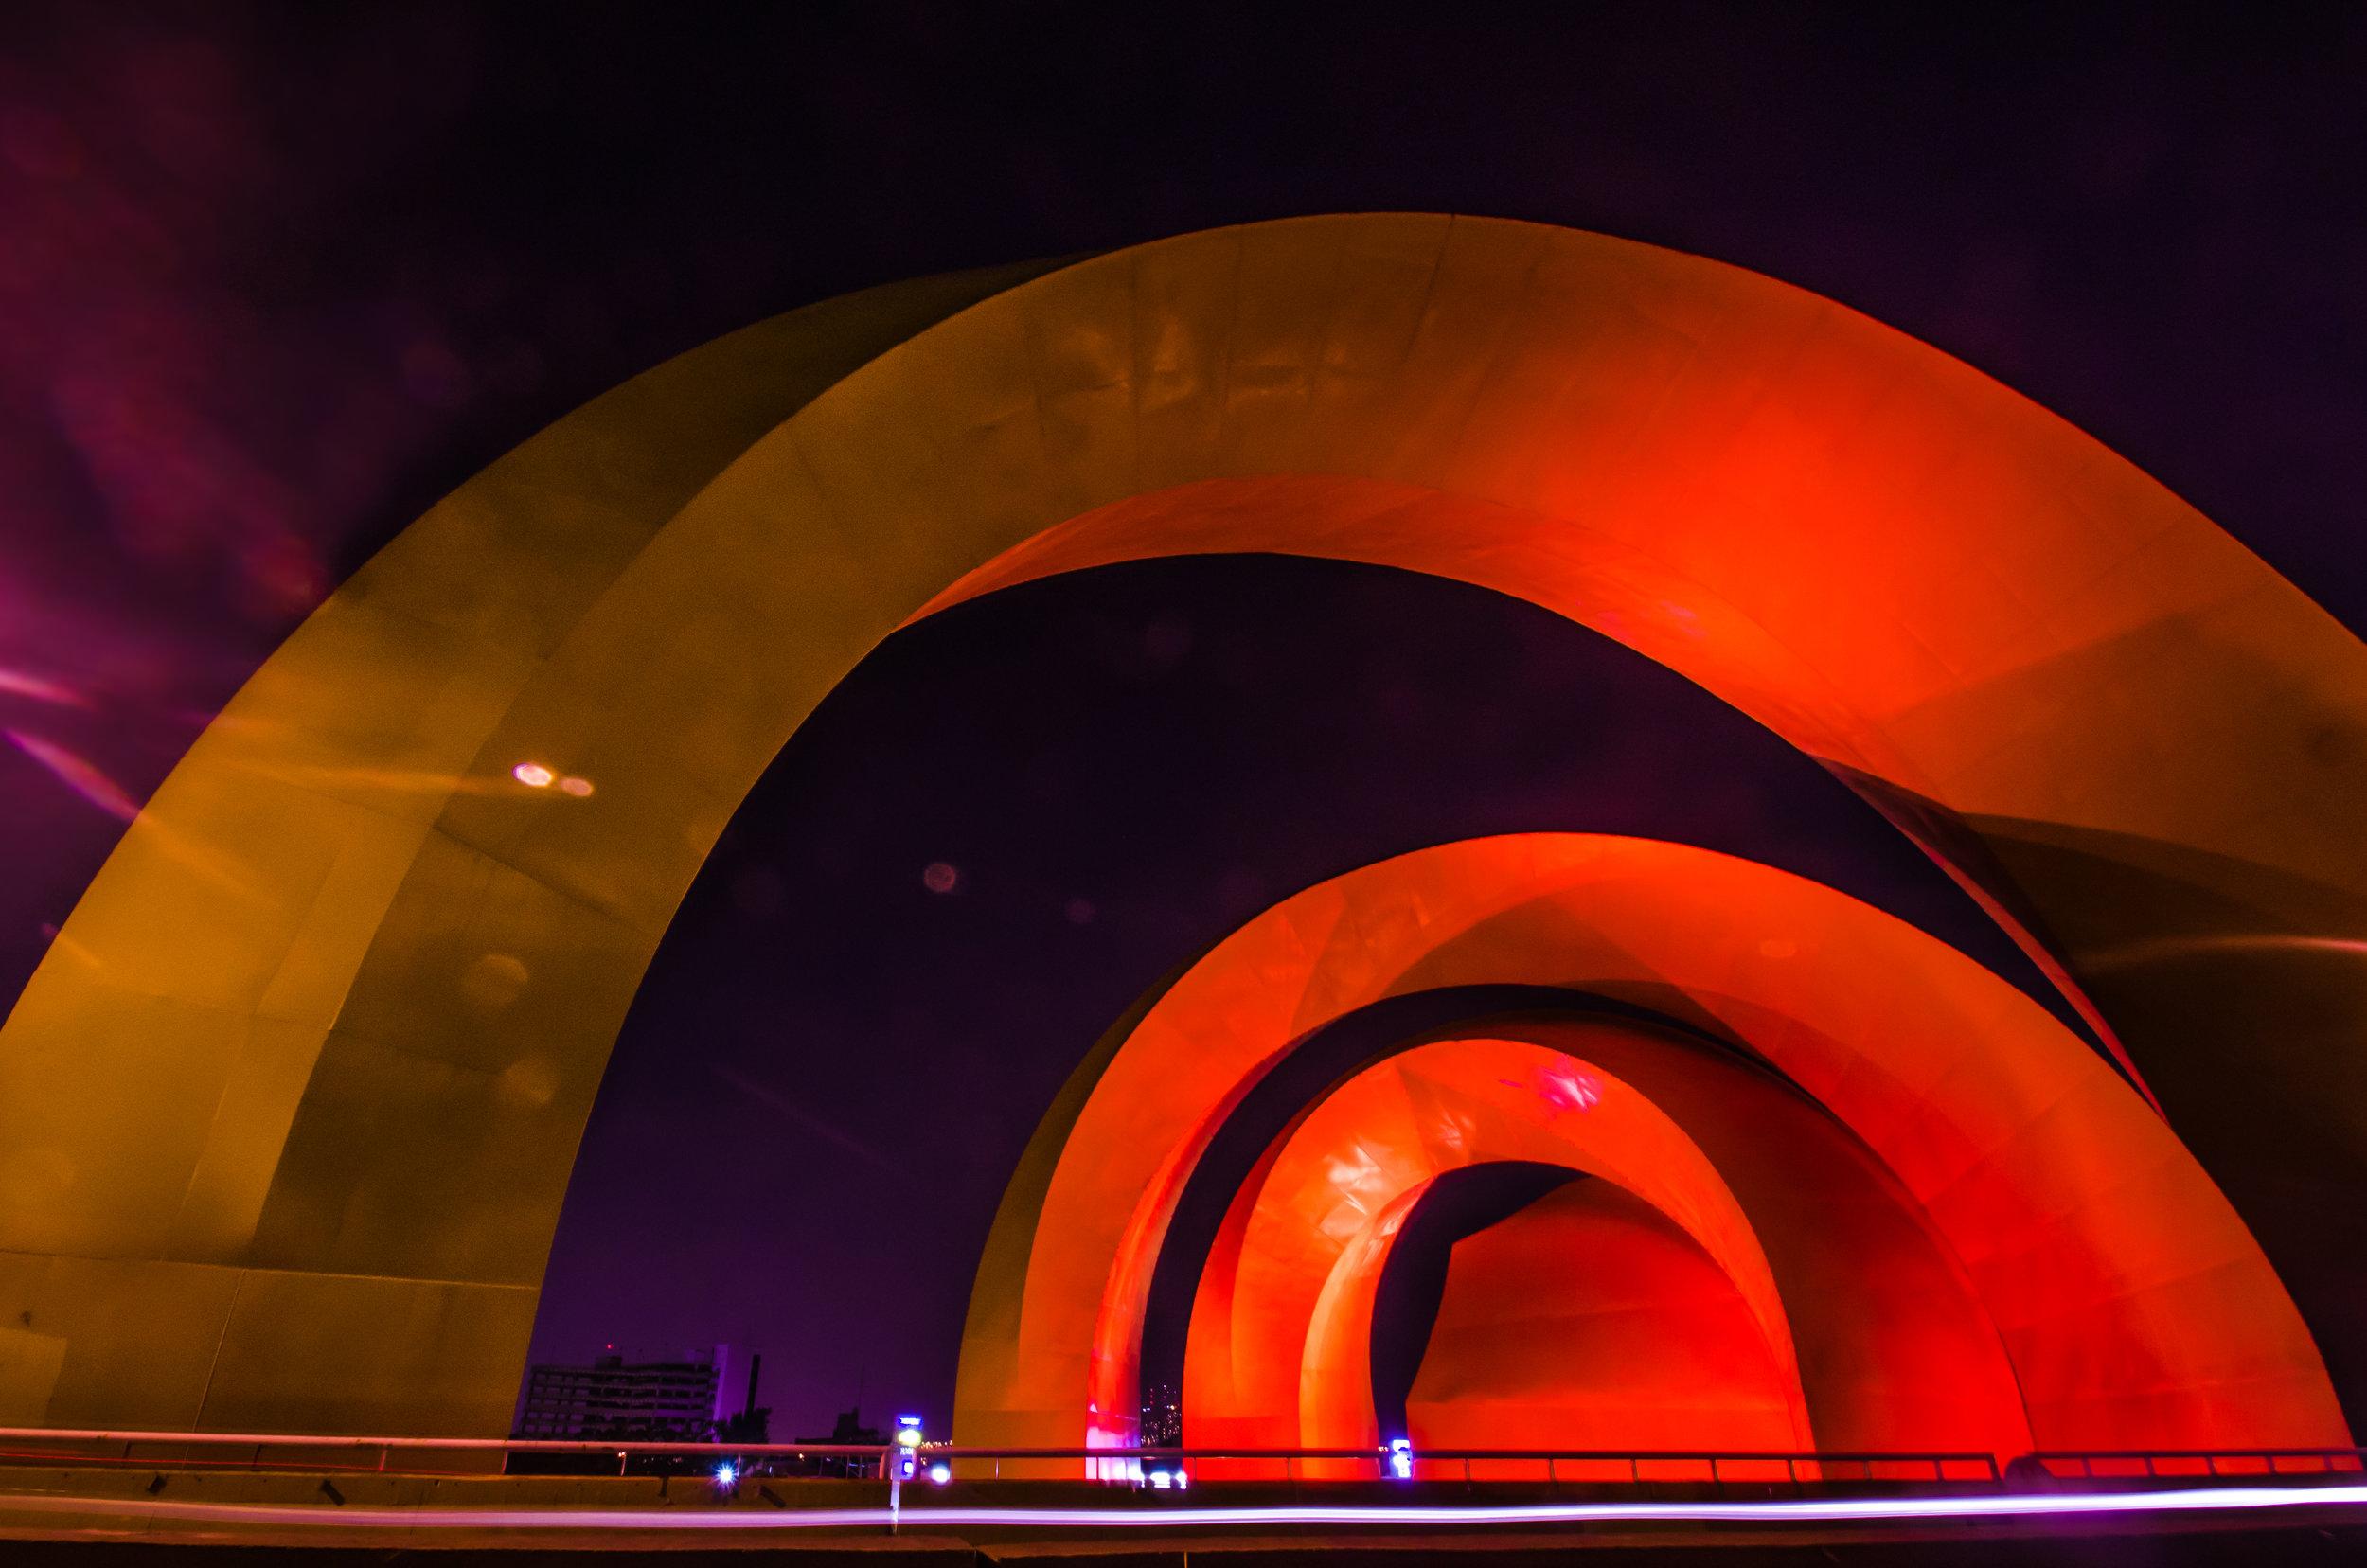 Arcos del milenio